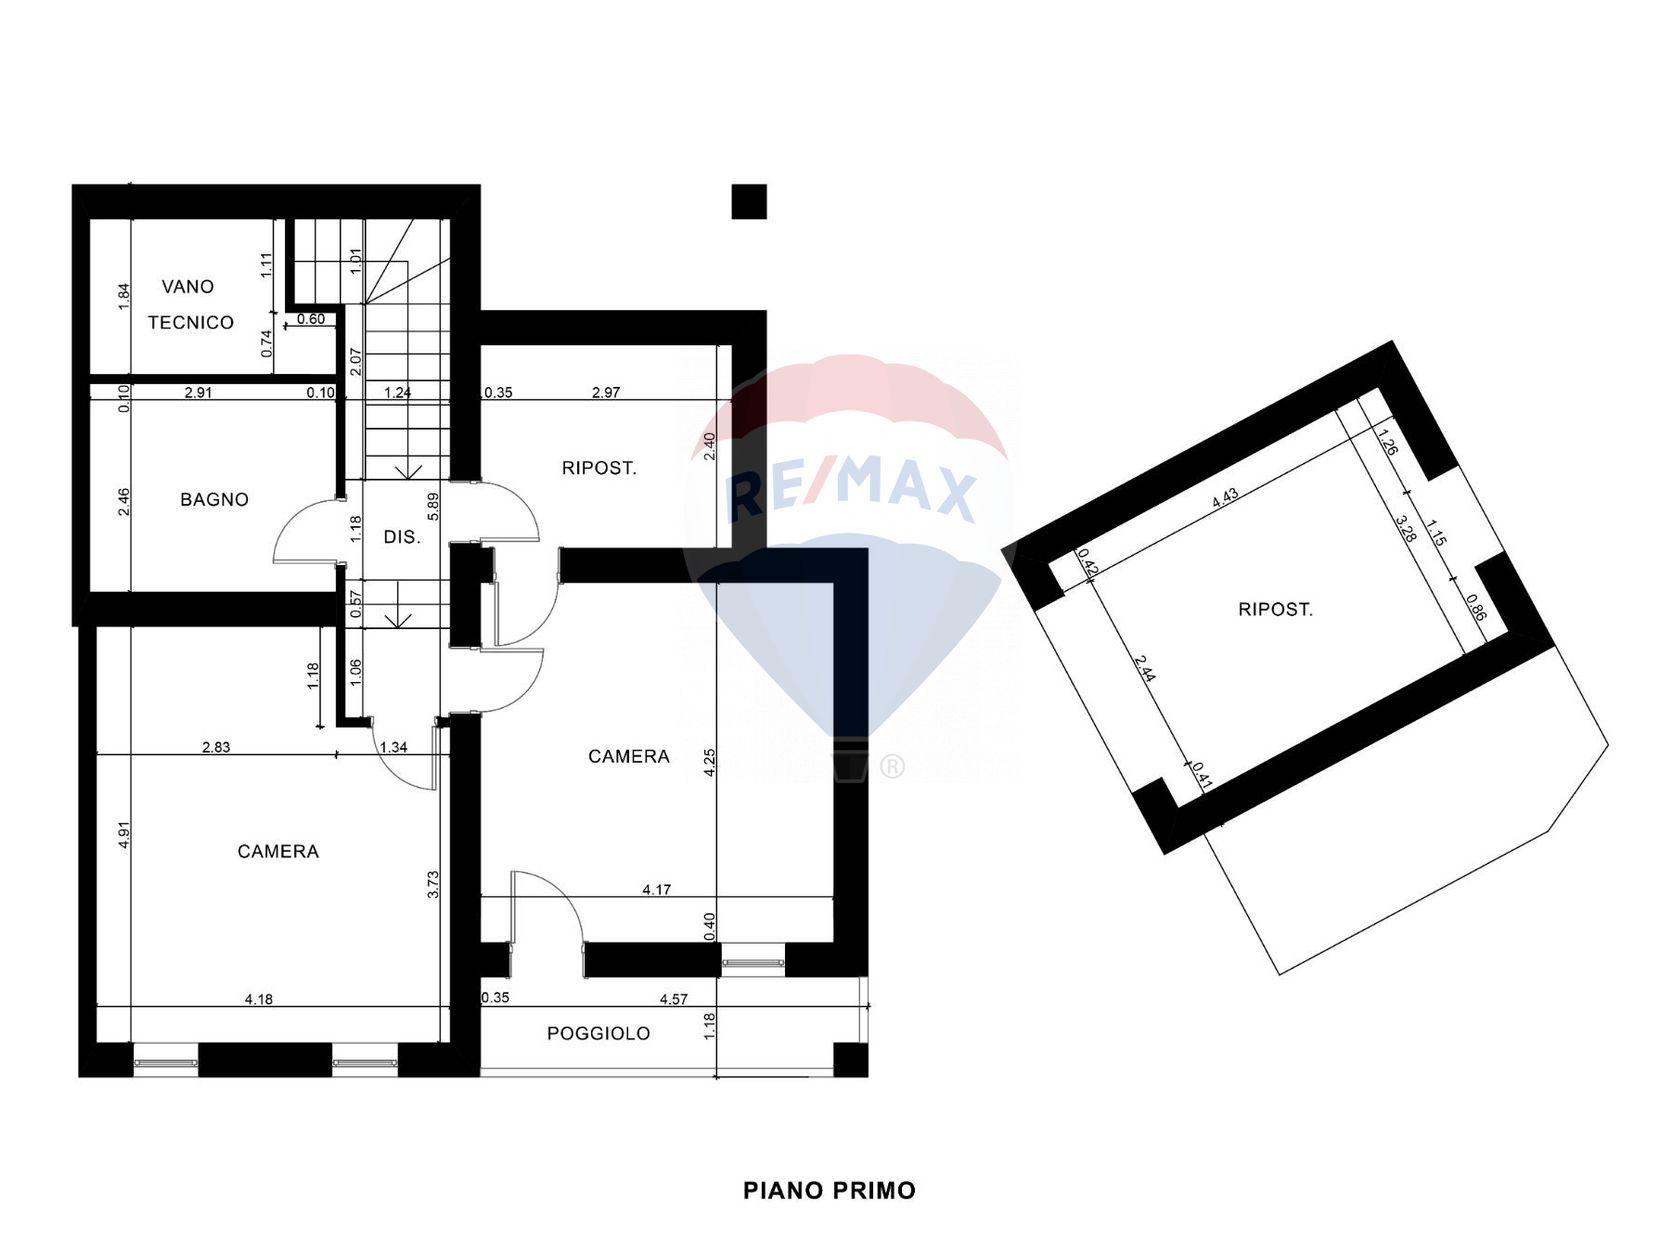 Casa Indipendente Castelnuovo, Teolo, PD Vendita - Planimetria 1